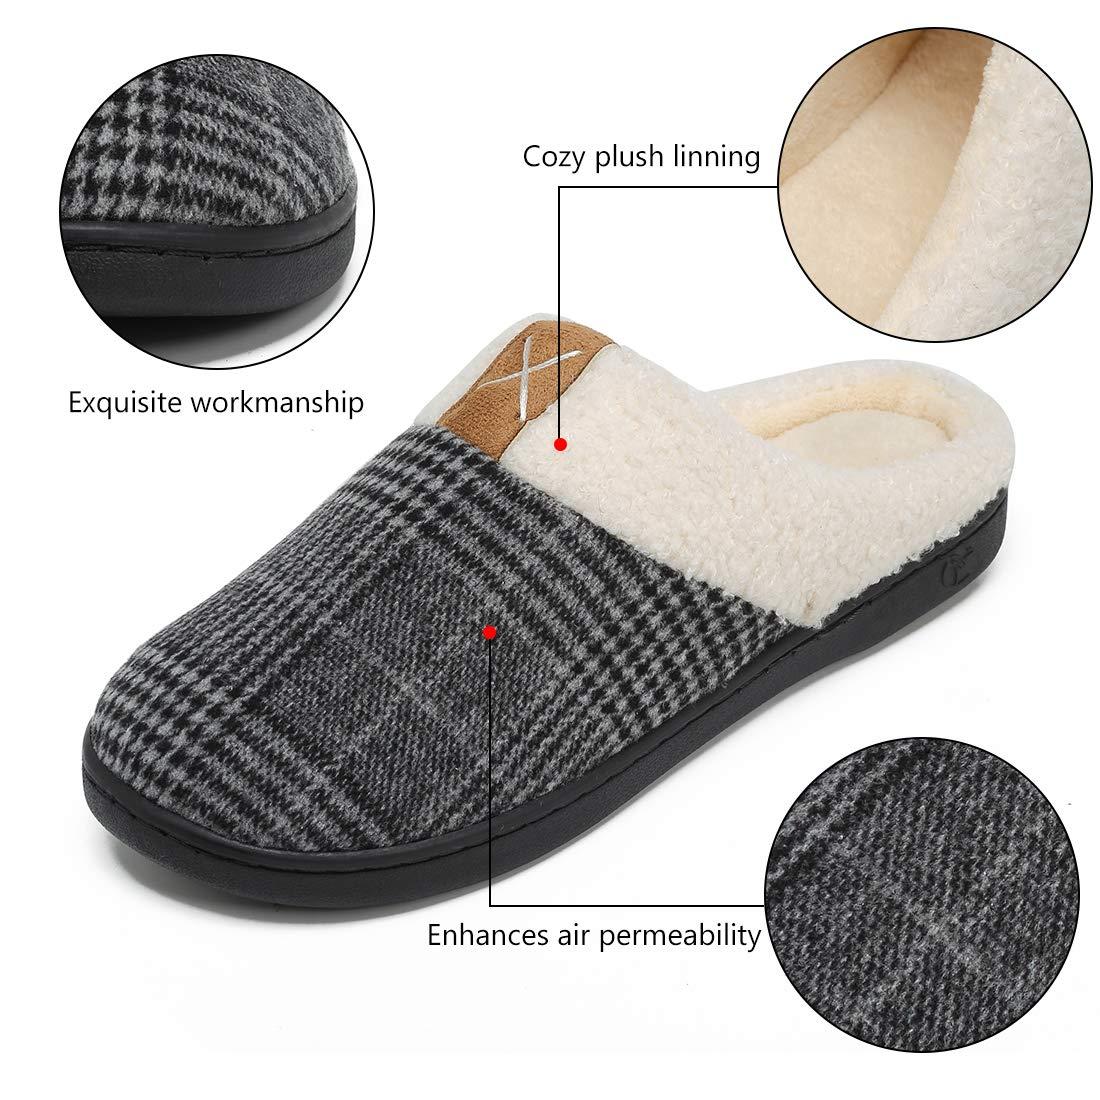 Deevike Hommes Chaussons Gar/çon Pantoufles Maison Adult Chaussons en Coton Peluche dhiver Chaud Chaussures Anti-Slip Confortable Pantoufles